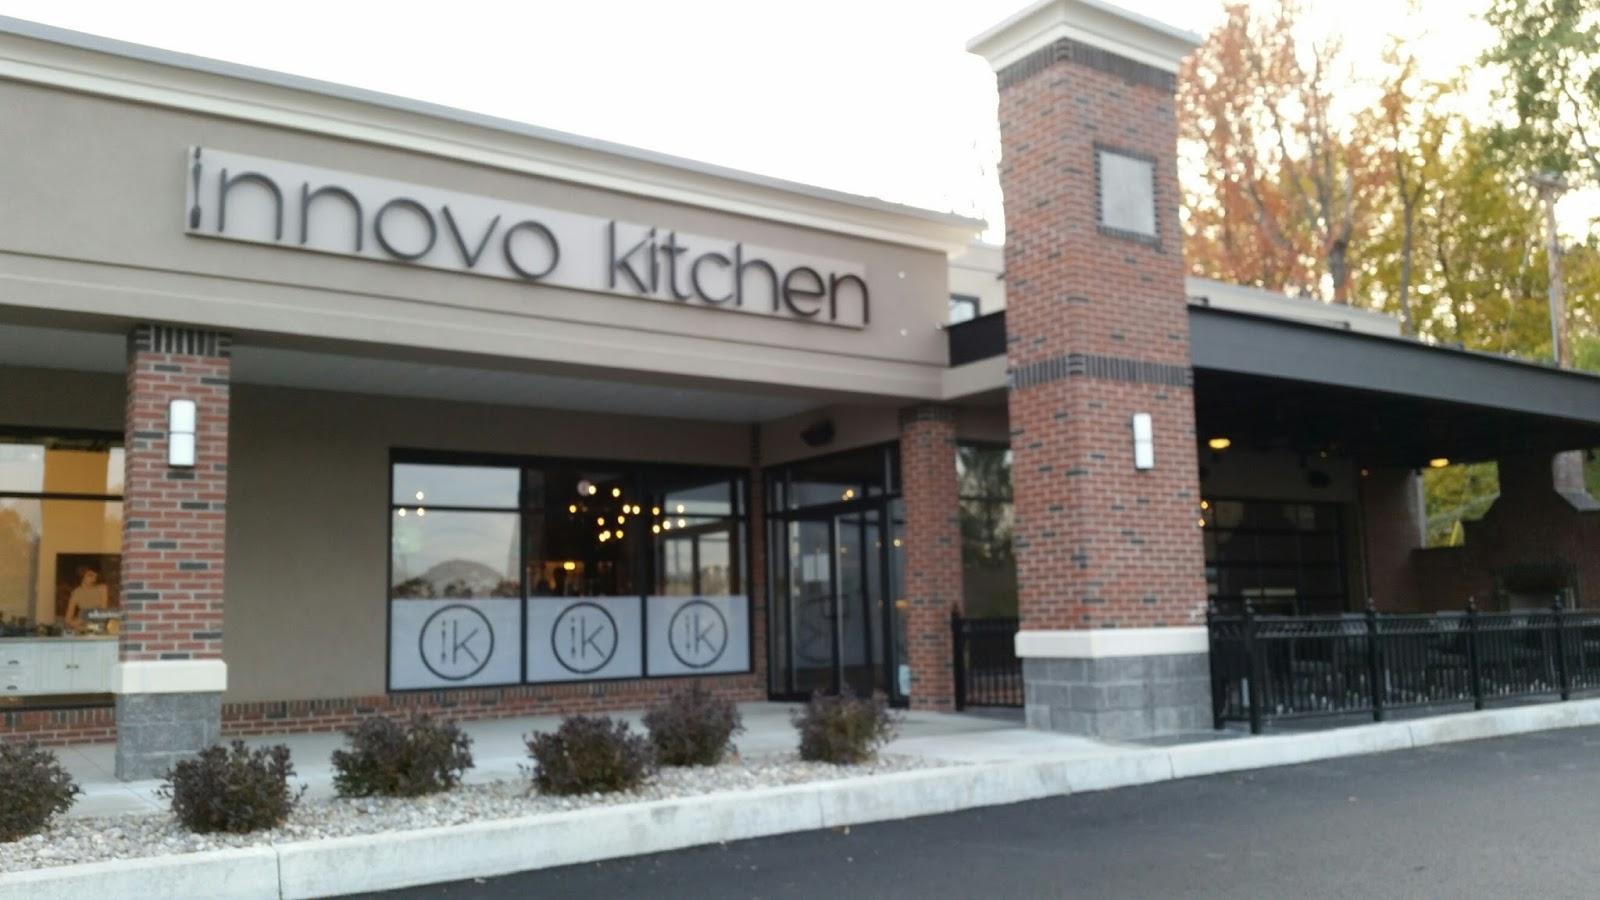 Albany Dish: Innovo Kitchen: ECHO Echo echo